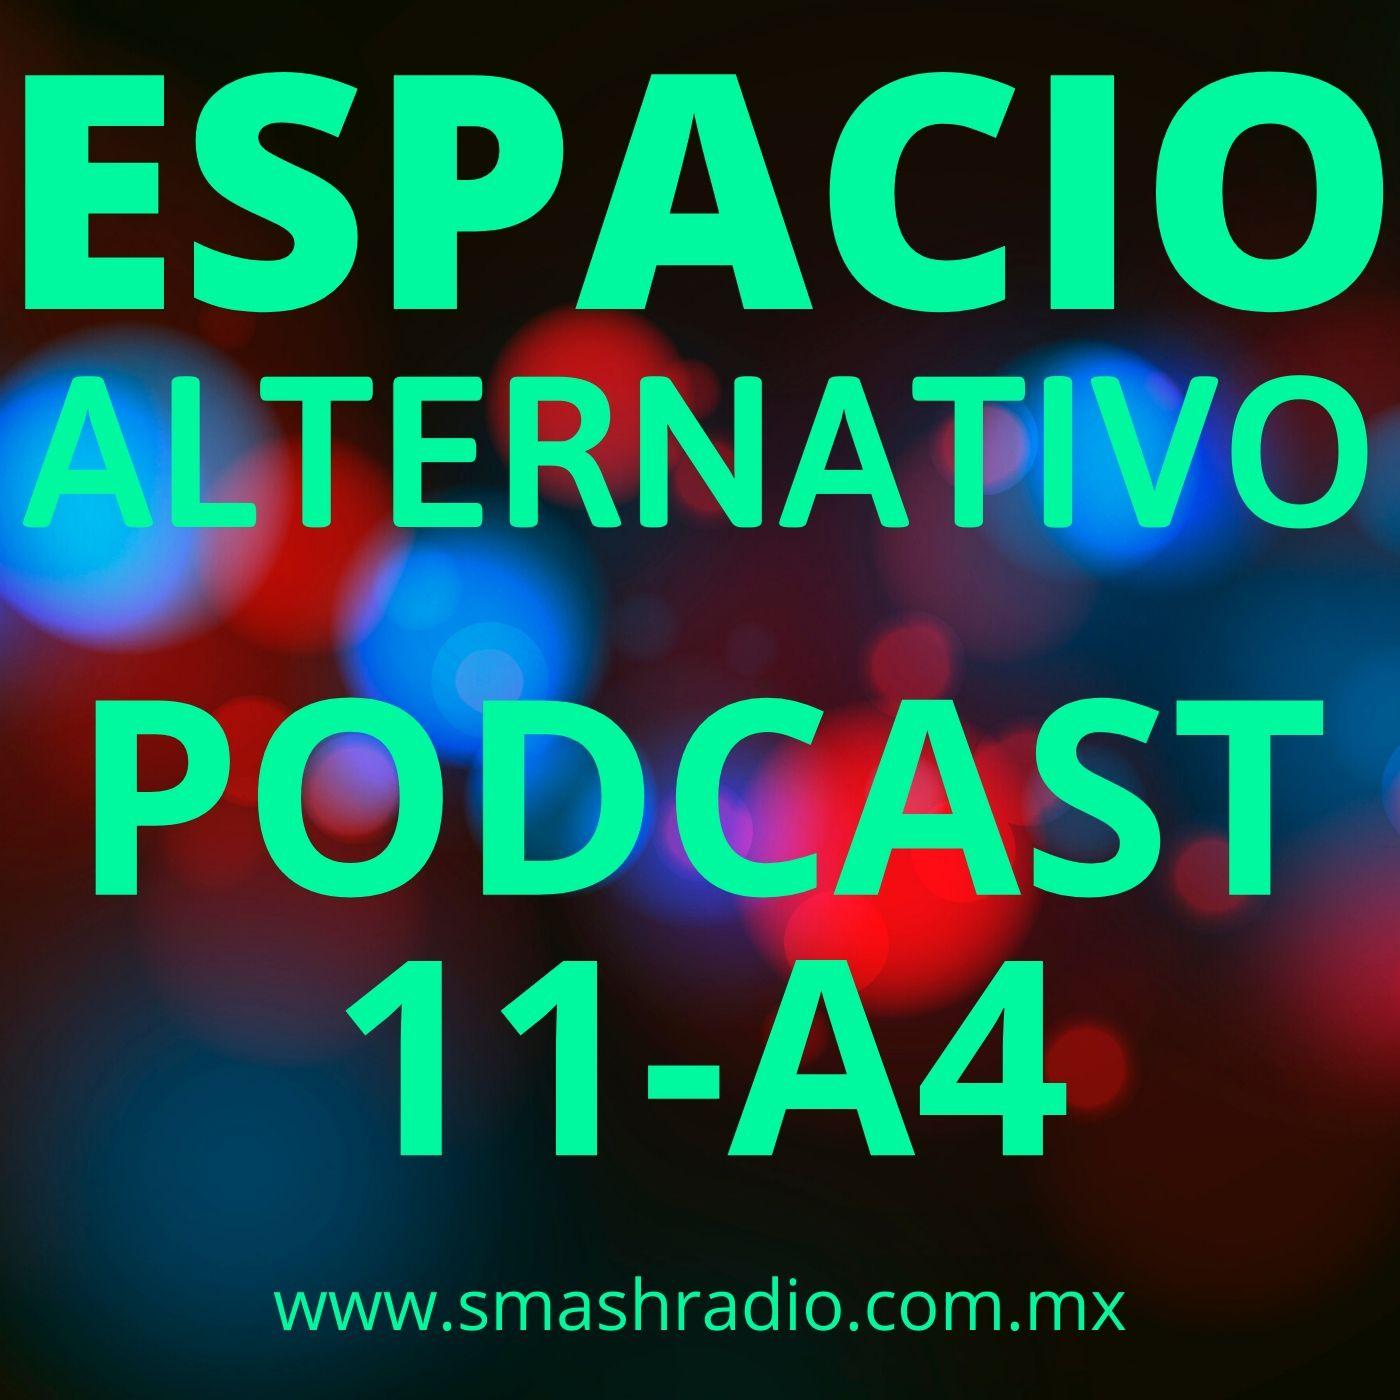 Espacio_Alternativo_Podcast_11-a4